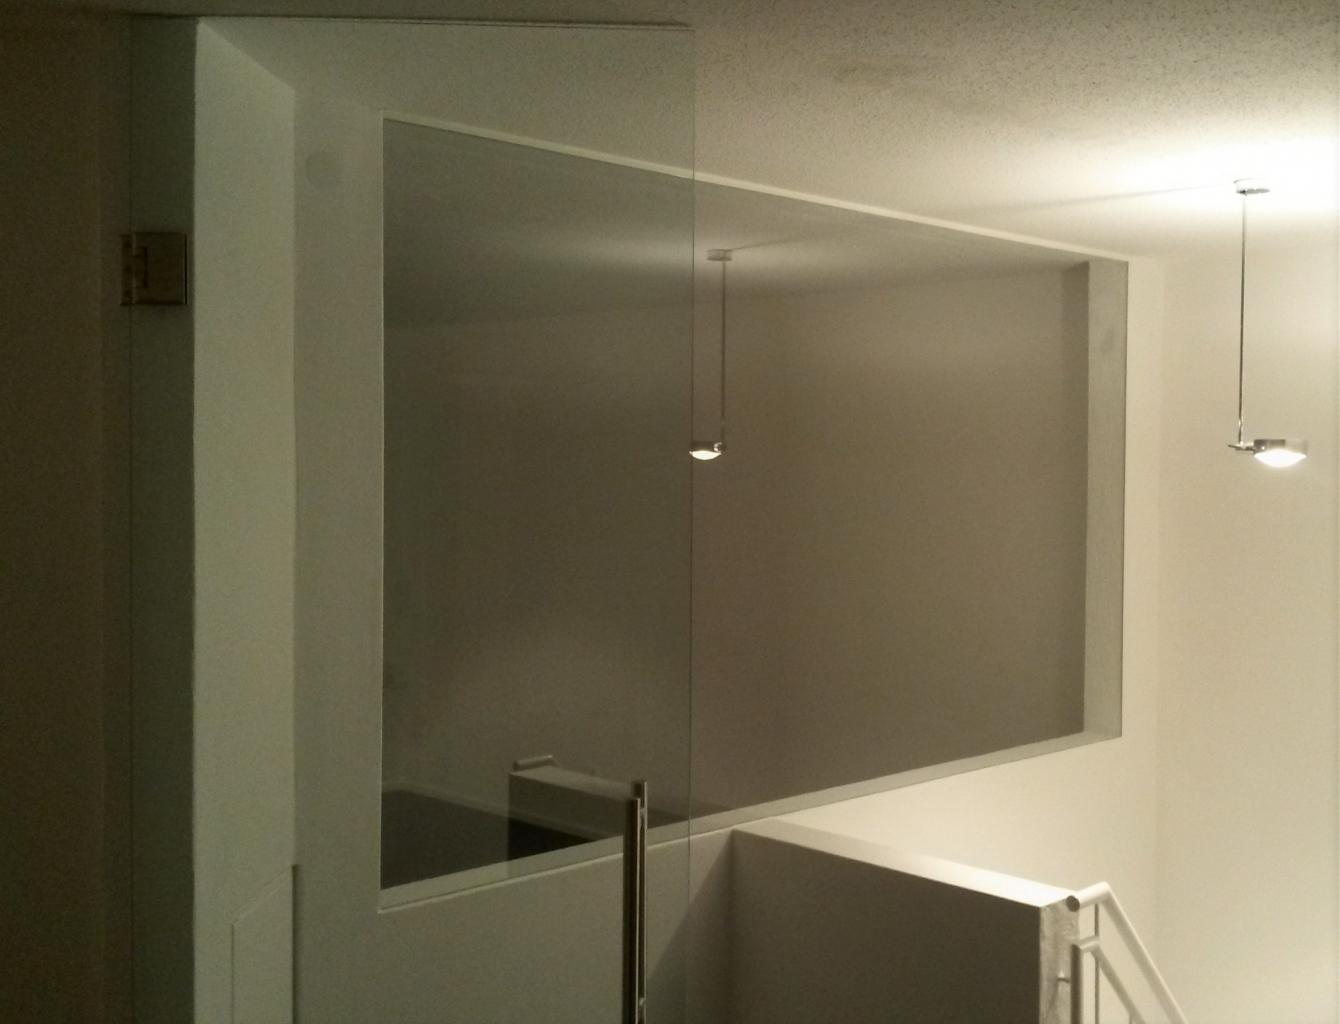 Lichtausschnitt zur Treppe